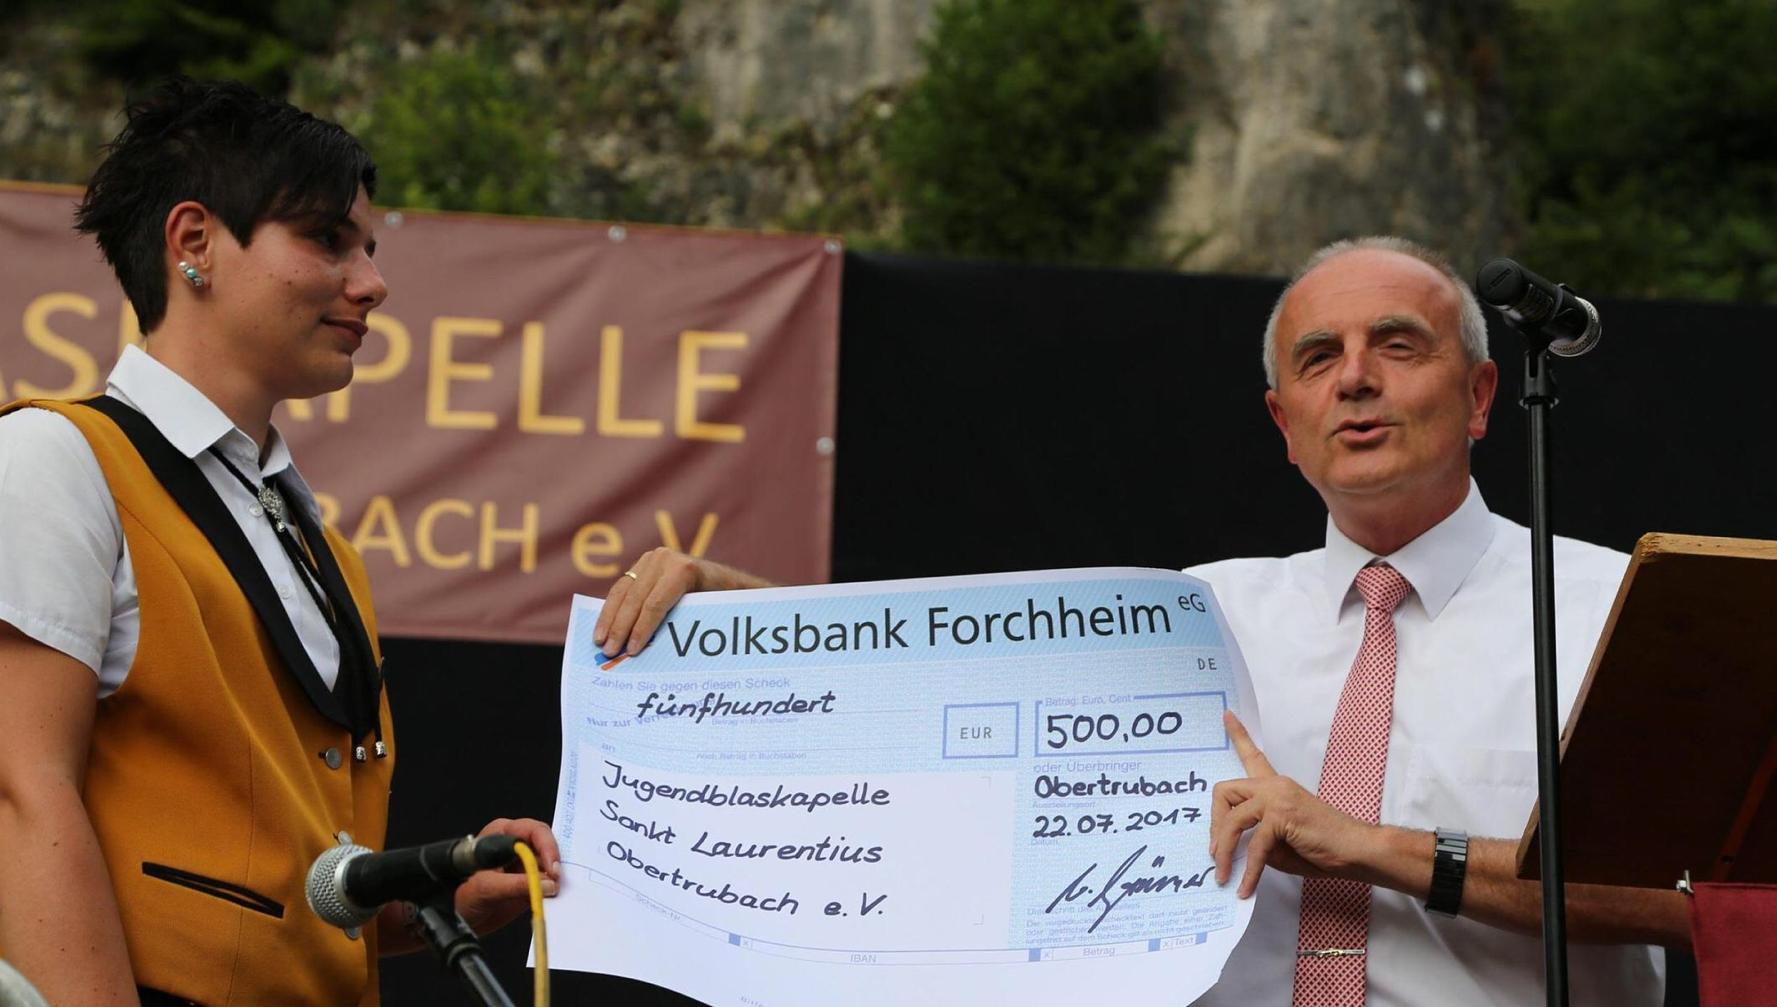 Bürgermeister Markus Grüner überreicht einen Scheck im Namen der Gemeinde